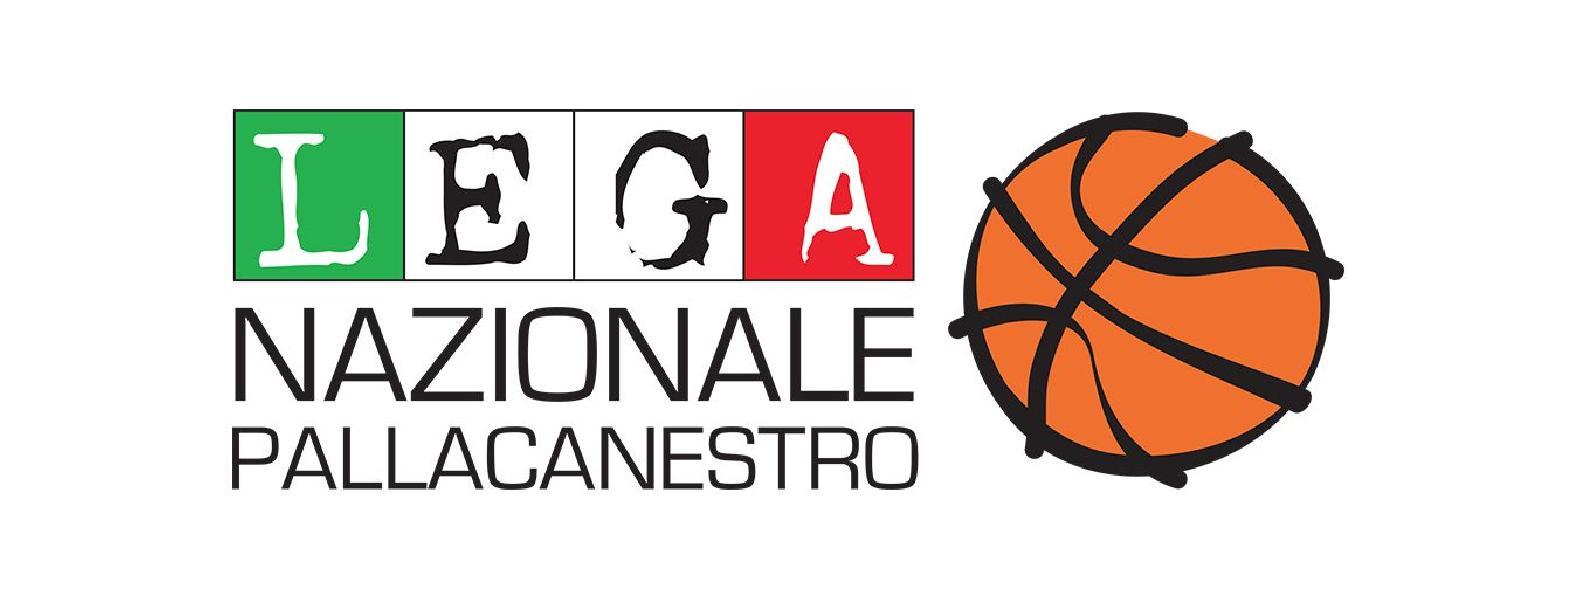 https://www.basketmarche.it/immagini_articoli/01-04-2019/serie-definita-formula-campionato-2019-2020-ottobre-600.jpg